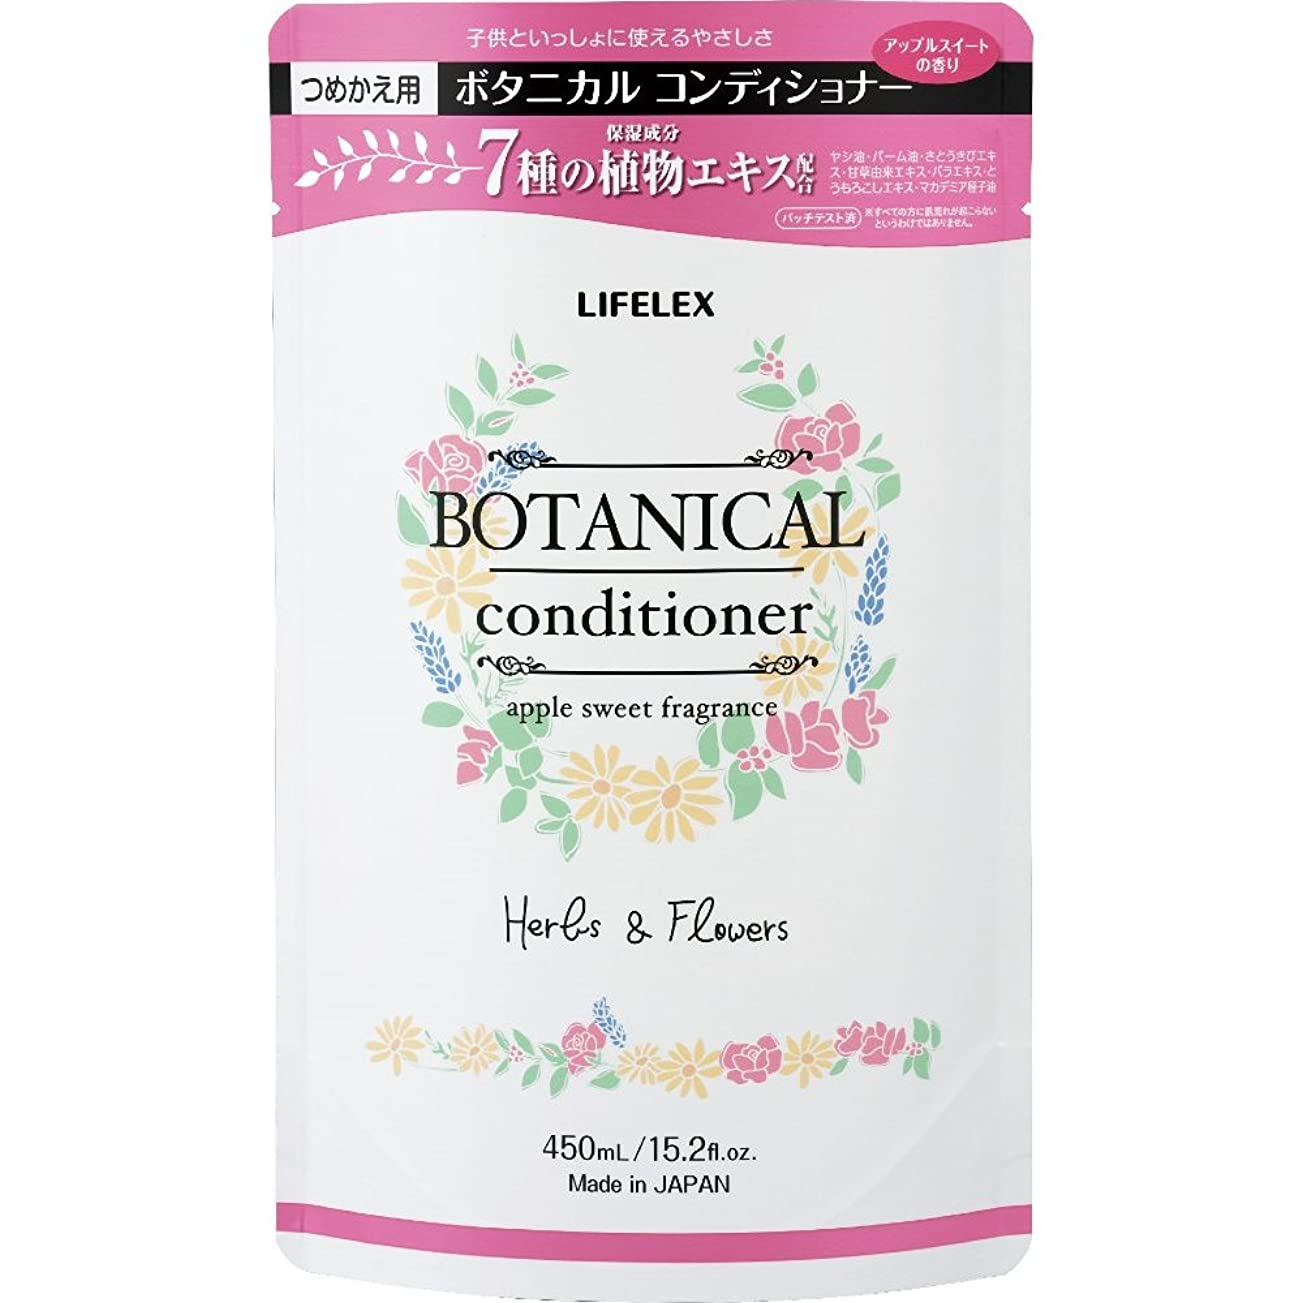 ほうき分類団結コーナン オリジナル LIFELEX ボタニカル コンディショナー アップルスイートの香り 詰め替え